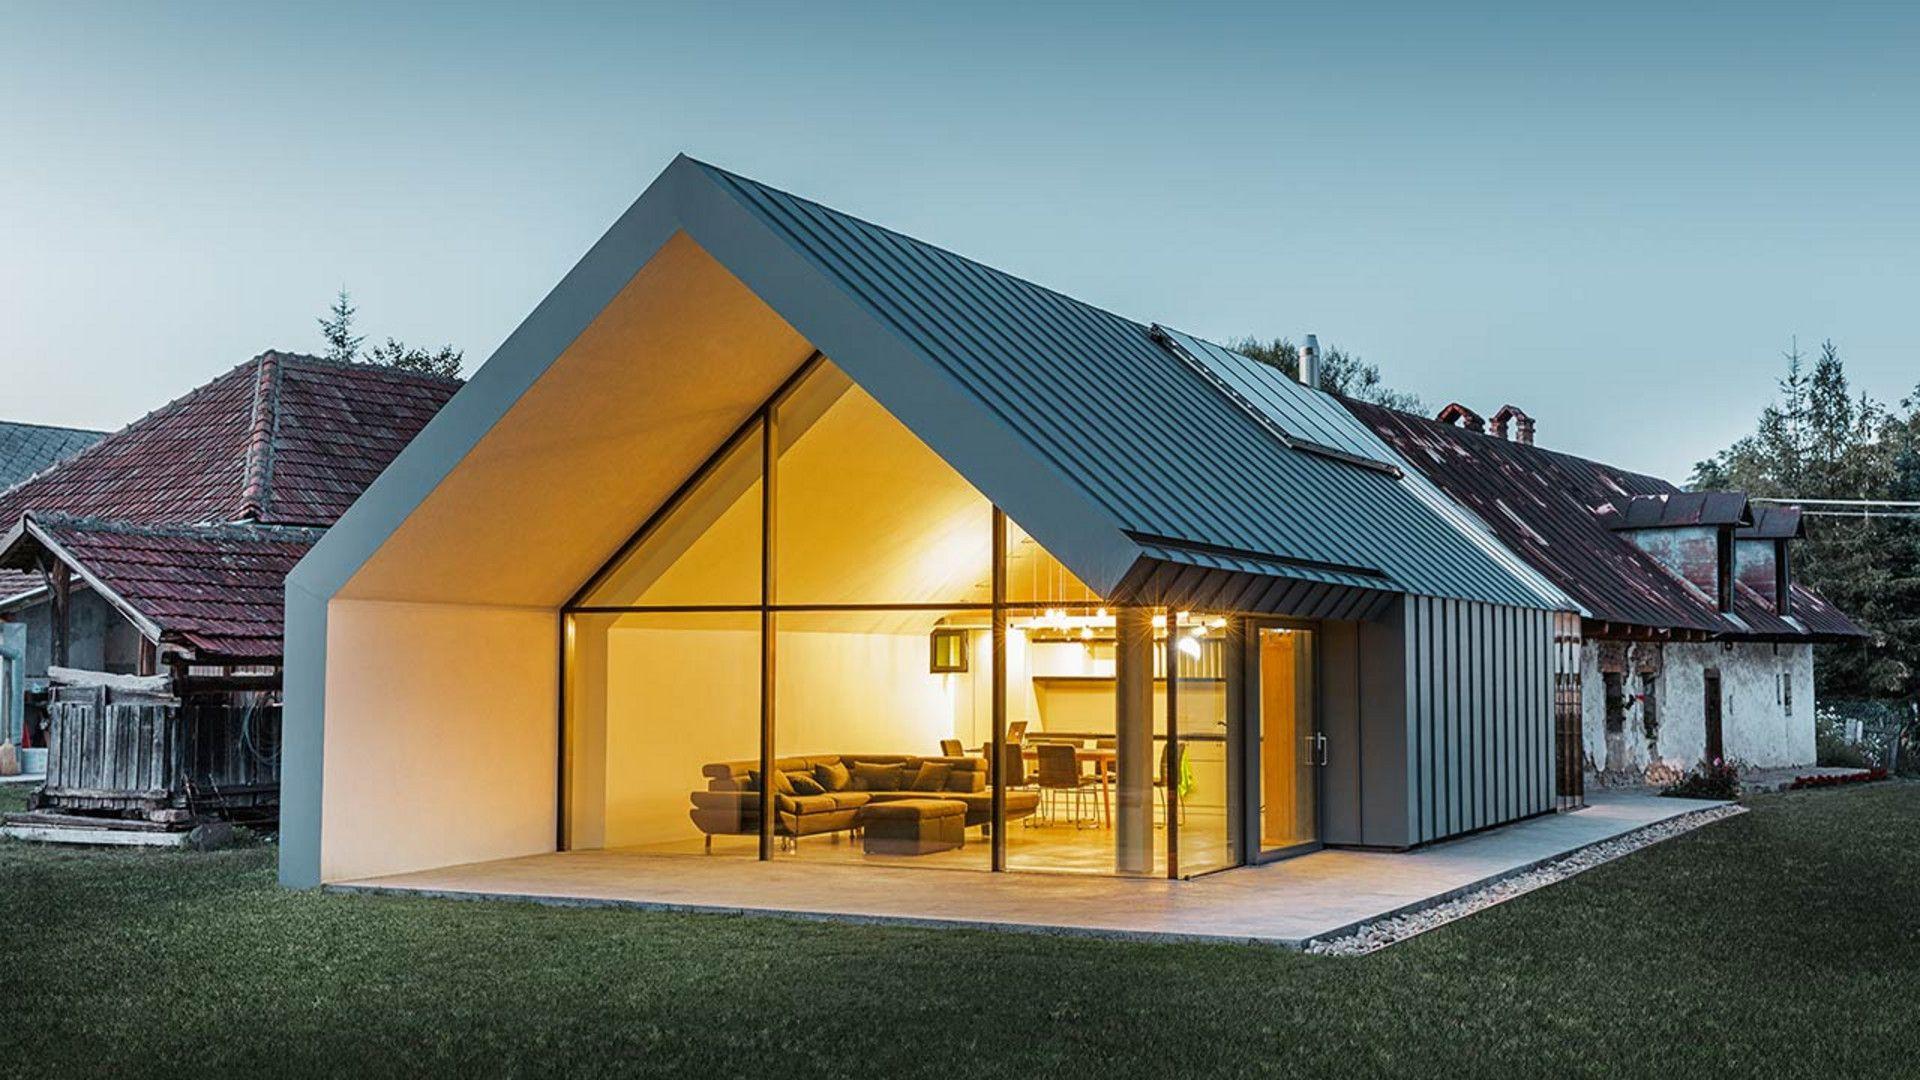 Modernes Neues Architektenbüro Und Einfamilienhaus Im Anschluss An Ein  Altes Bauernhaus Mit Steinfassade, Verkleidet Mit